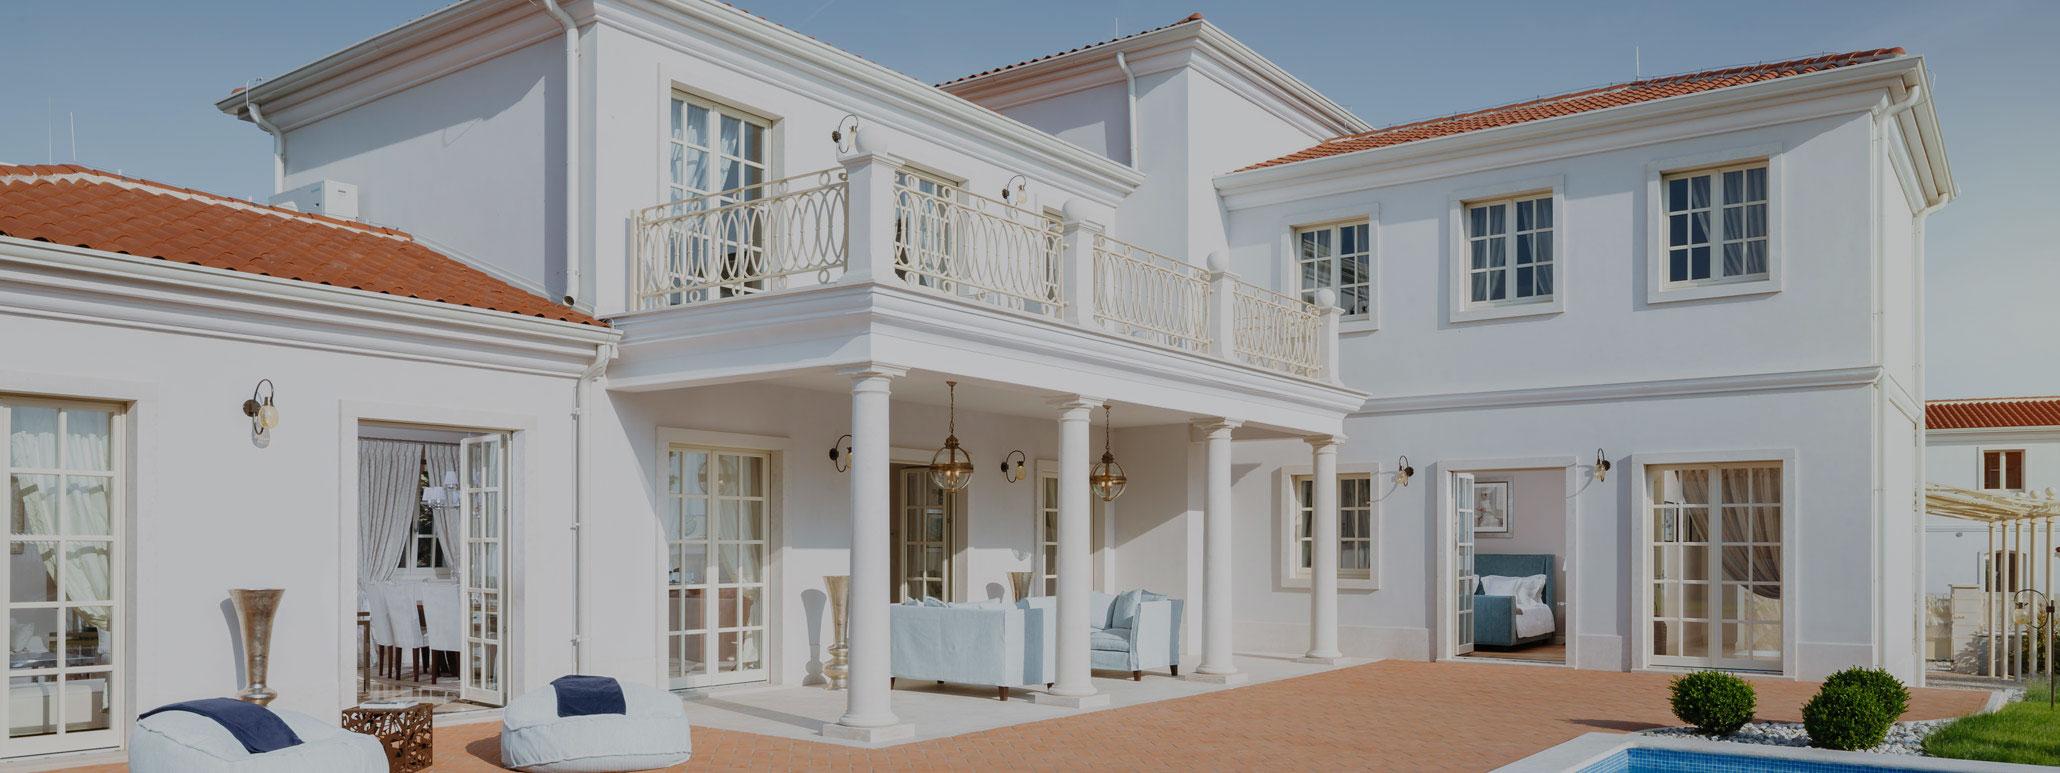 Slider-Foto 1 auf der Startseite der HMZ Luxury Villas